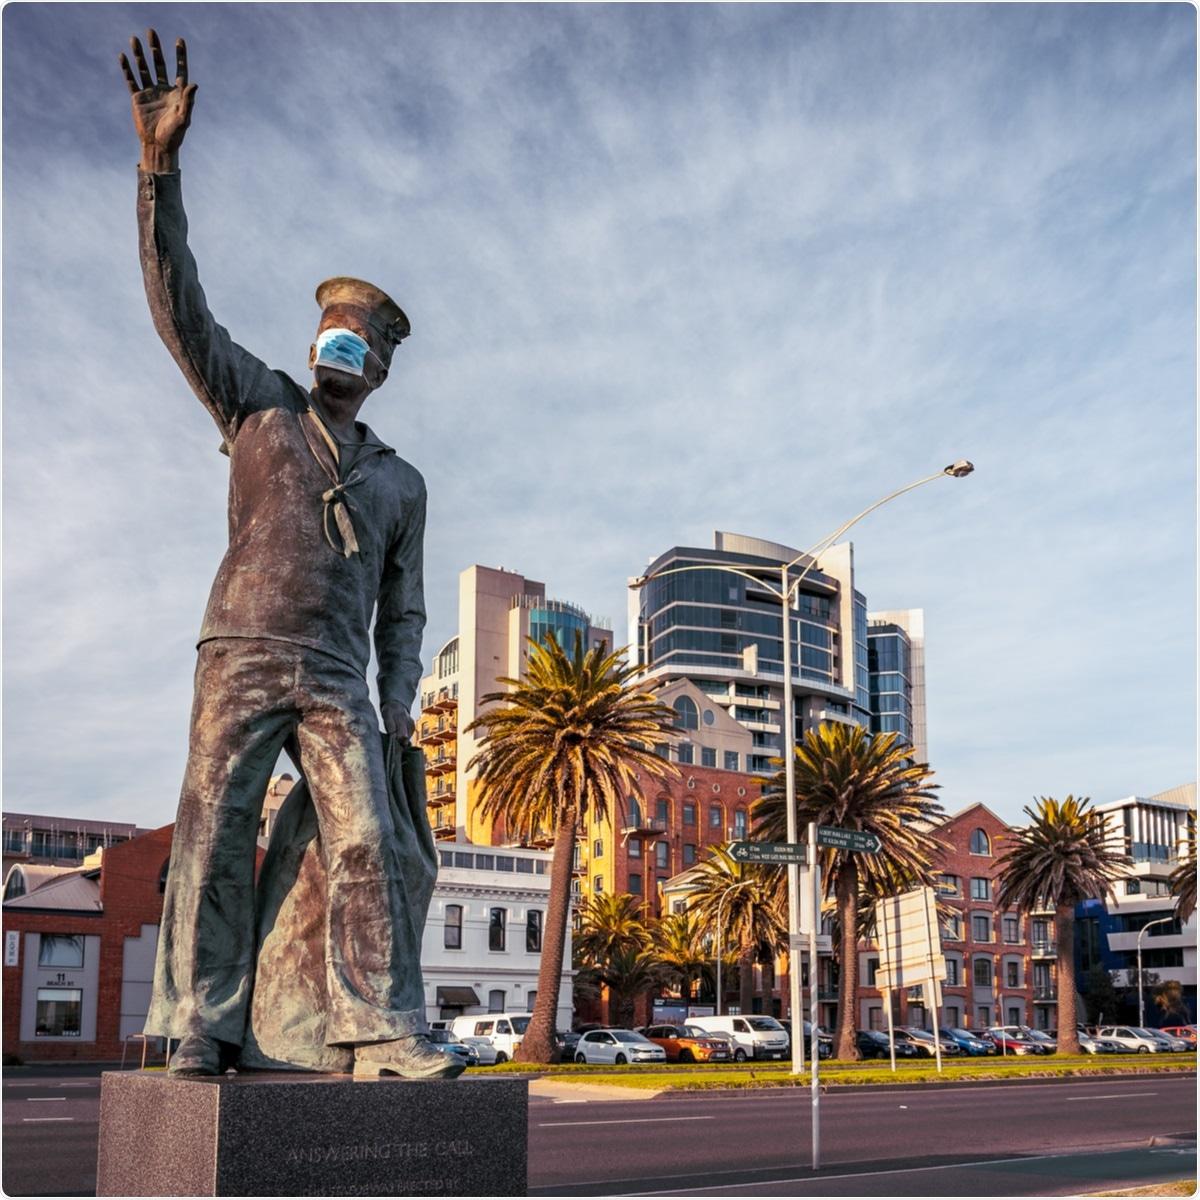 Melbourne, Australia - 24 luglio 2020: Statua in porta Melbourne con la maschera di protezione sul messo su sopra dai burloni, Melbourne VIC, Australia. Credito di immagine: Alex Cimbal/Shutterstock